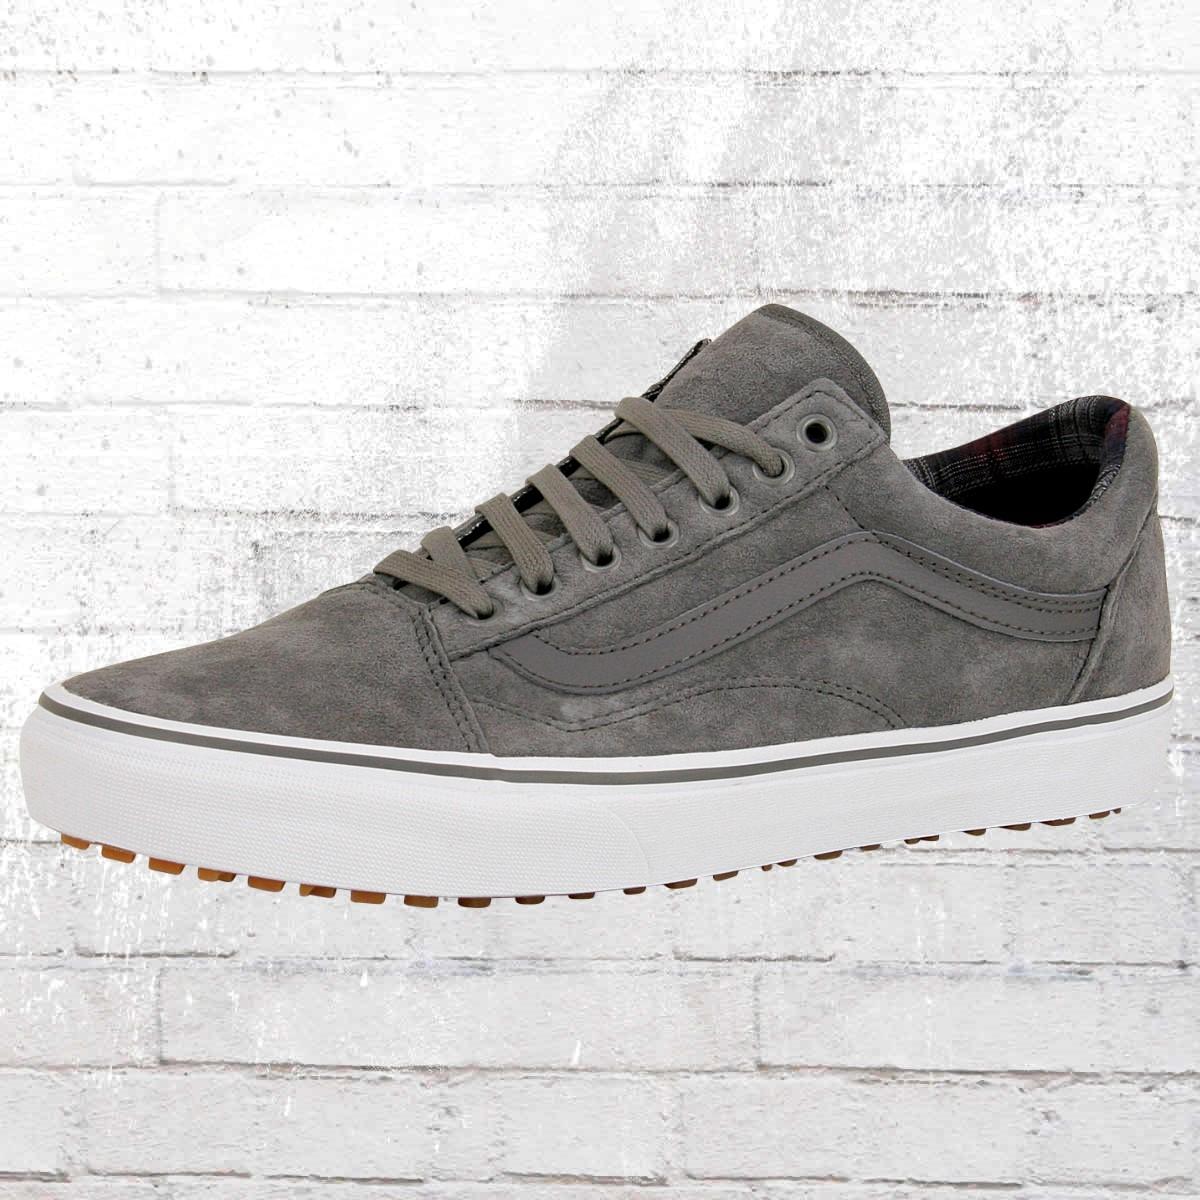 VANS Male Shoes Old Skool MTE Winter Sneaker grey